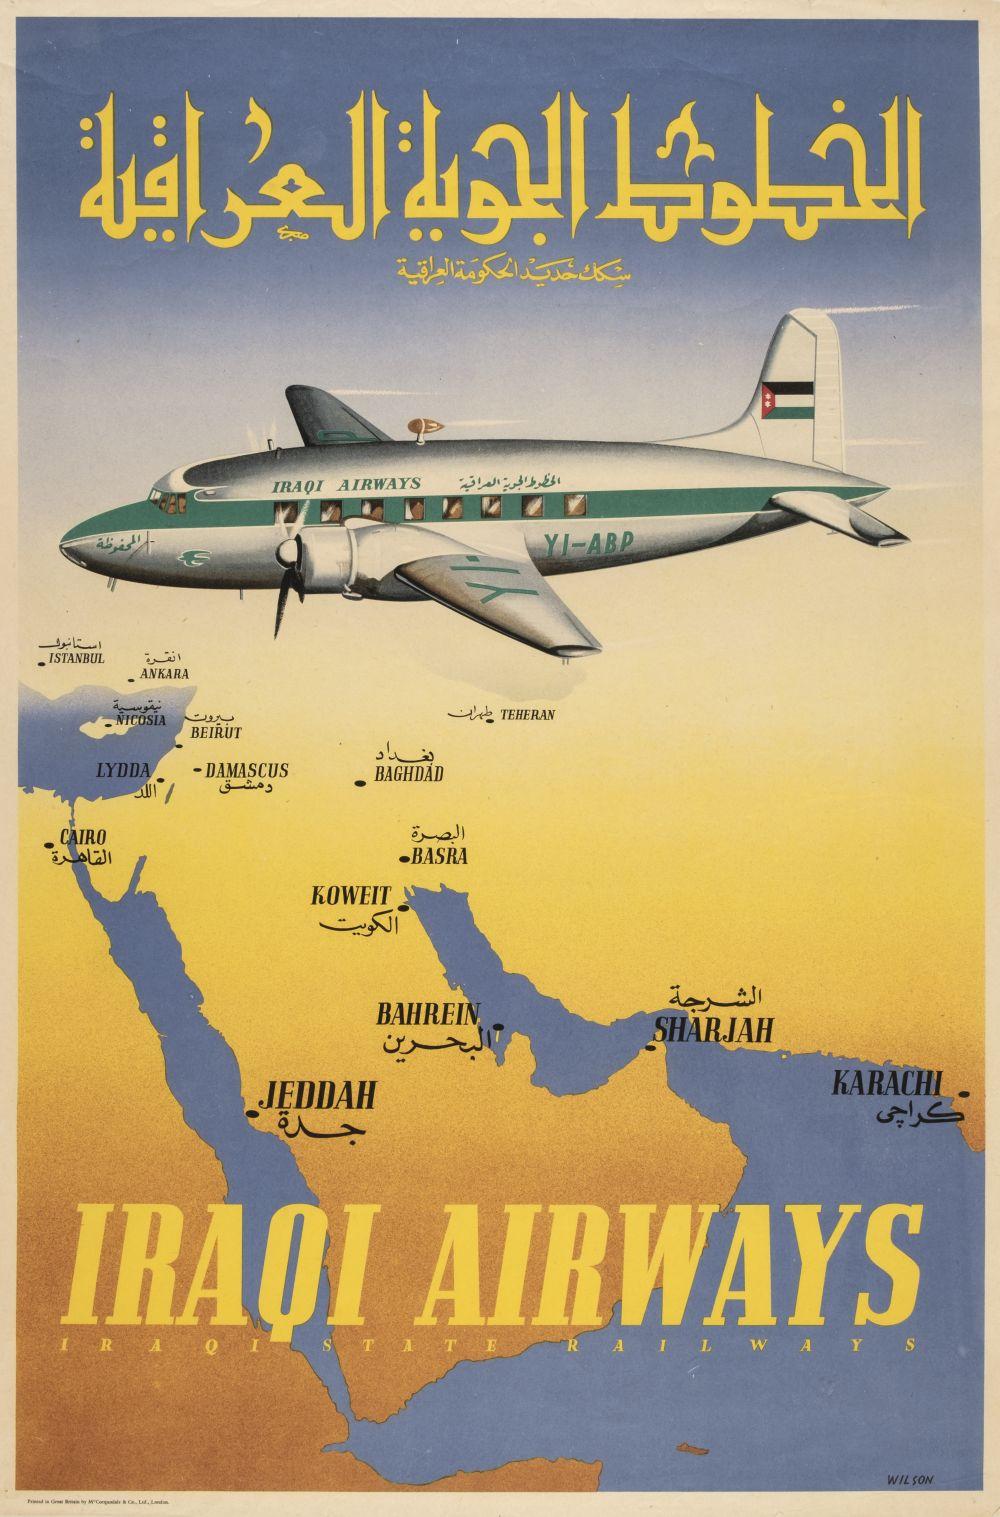 * Civil Aviation. Iraqi Airways Poster, 1950